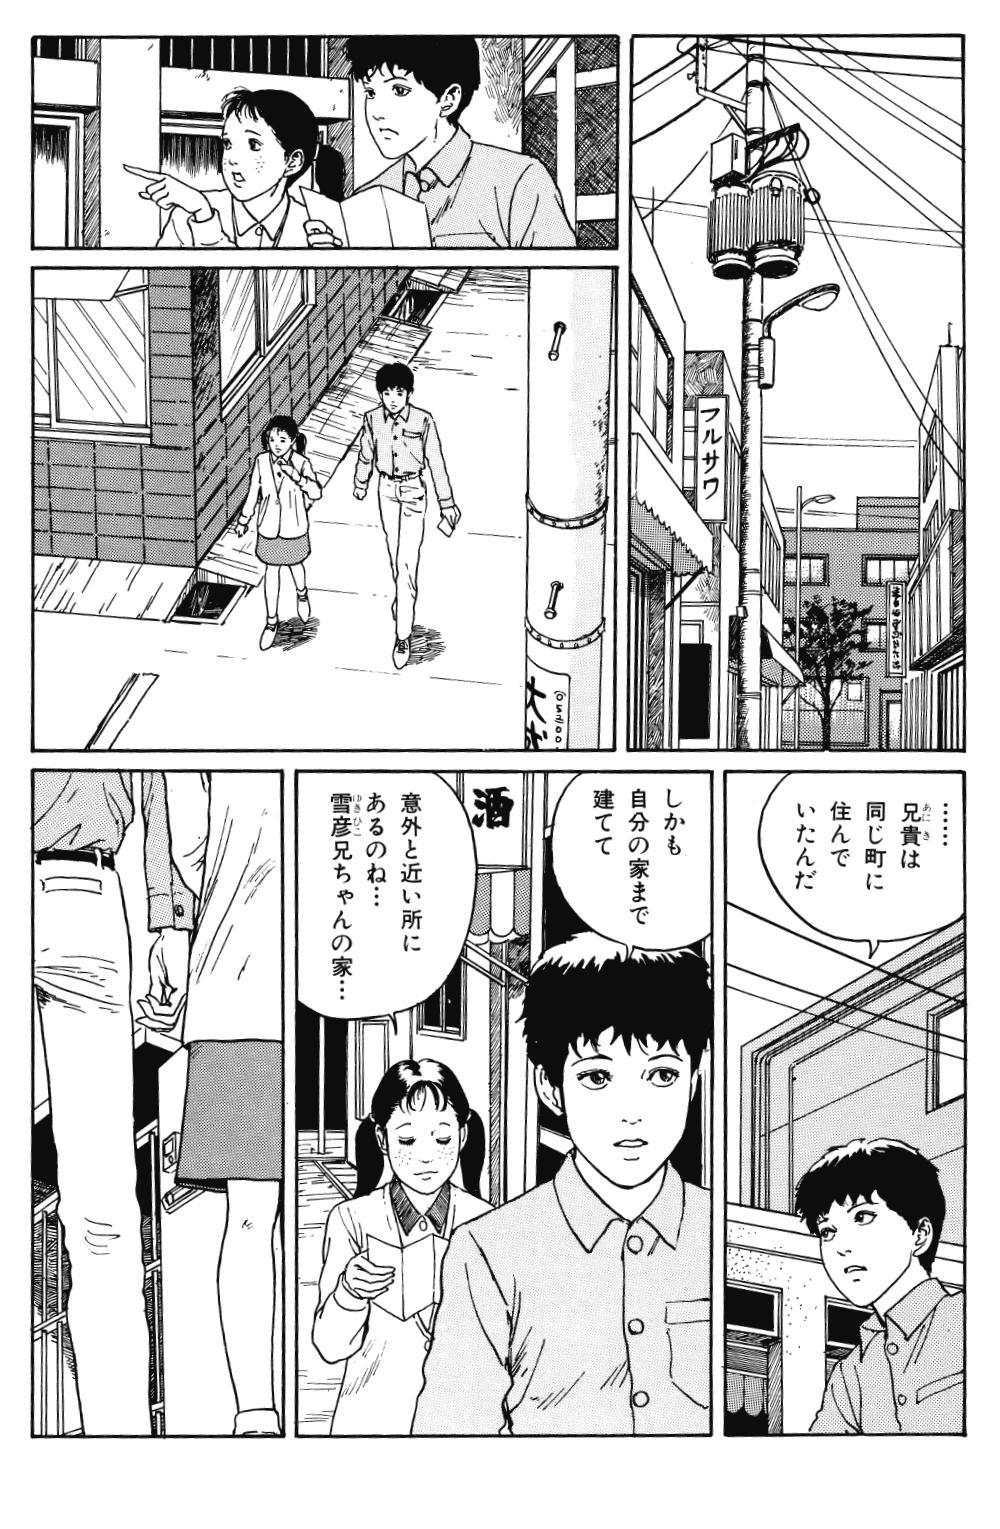 伊藤潤二自選傑作集 第5話「あやつり屋敷」②ayaturiyasiki-2-192.jpg